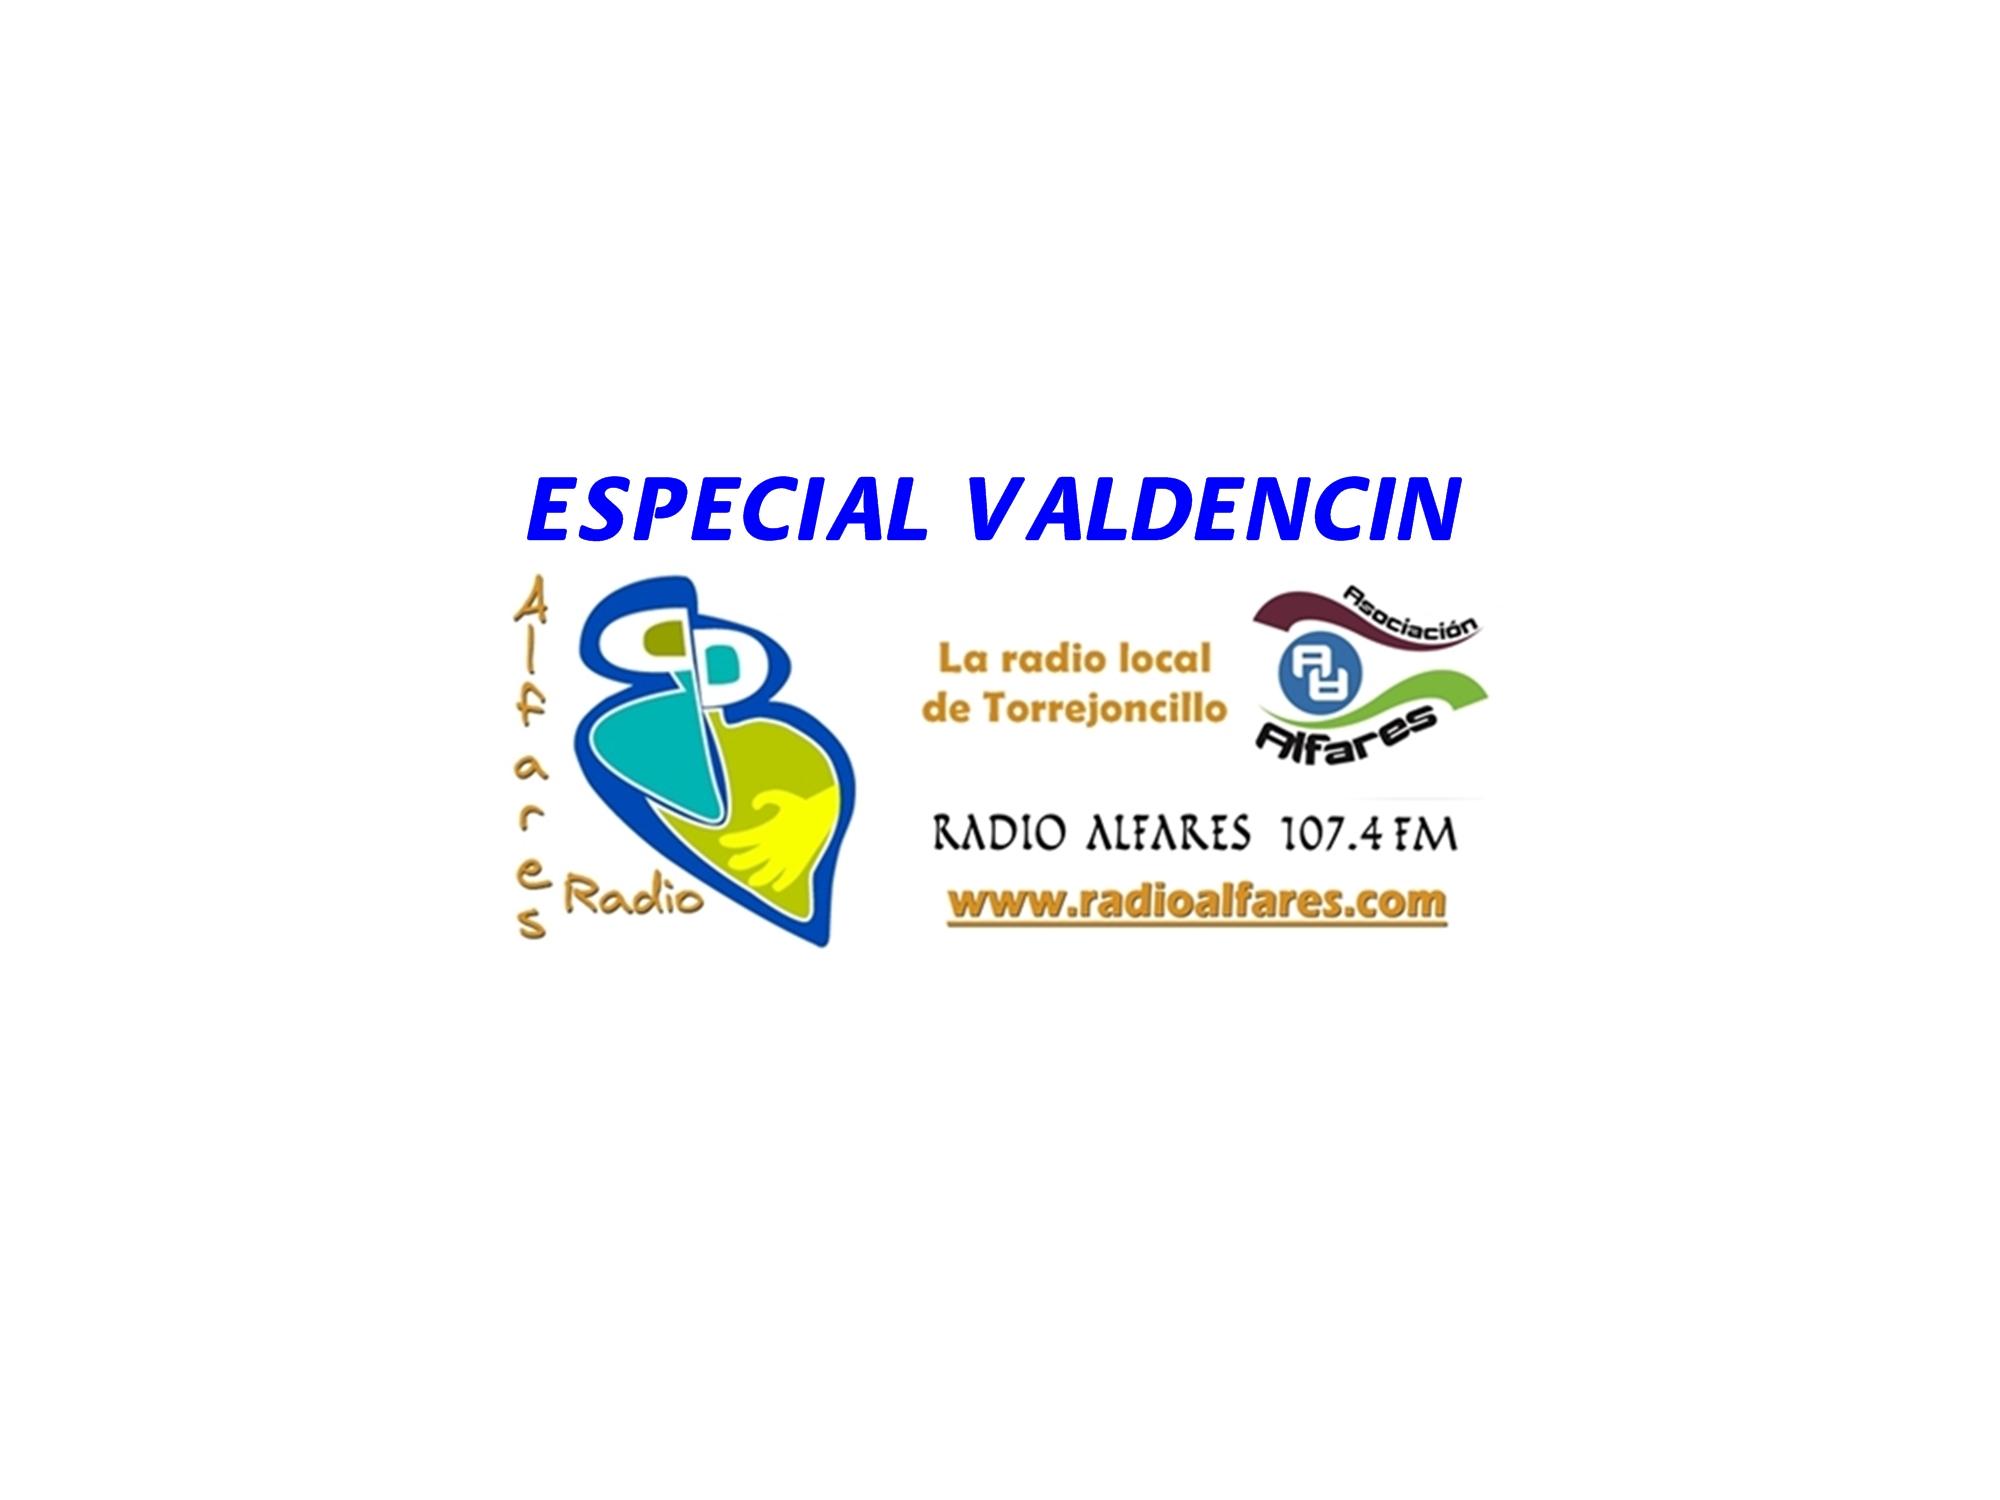 Radio Alfares celebra una especial Fiesta de Valdencin este sábado